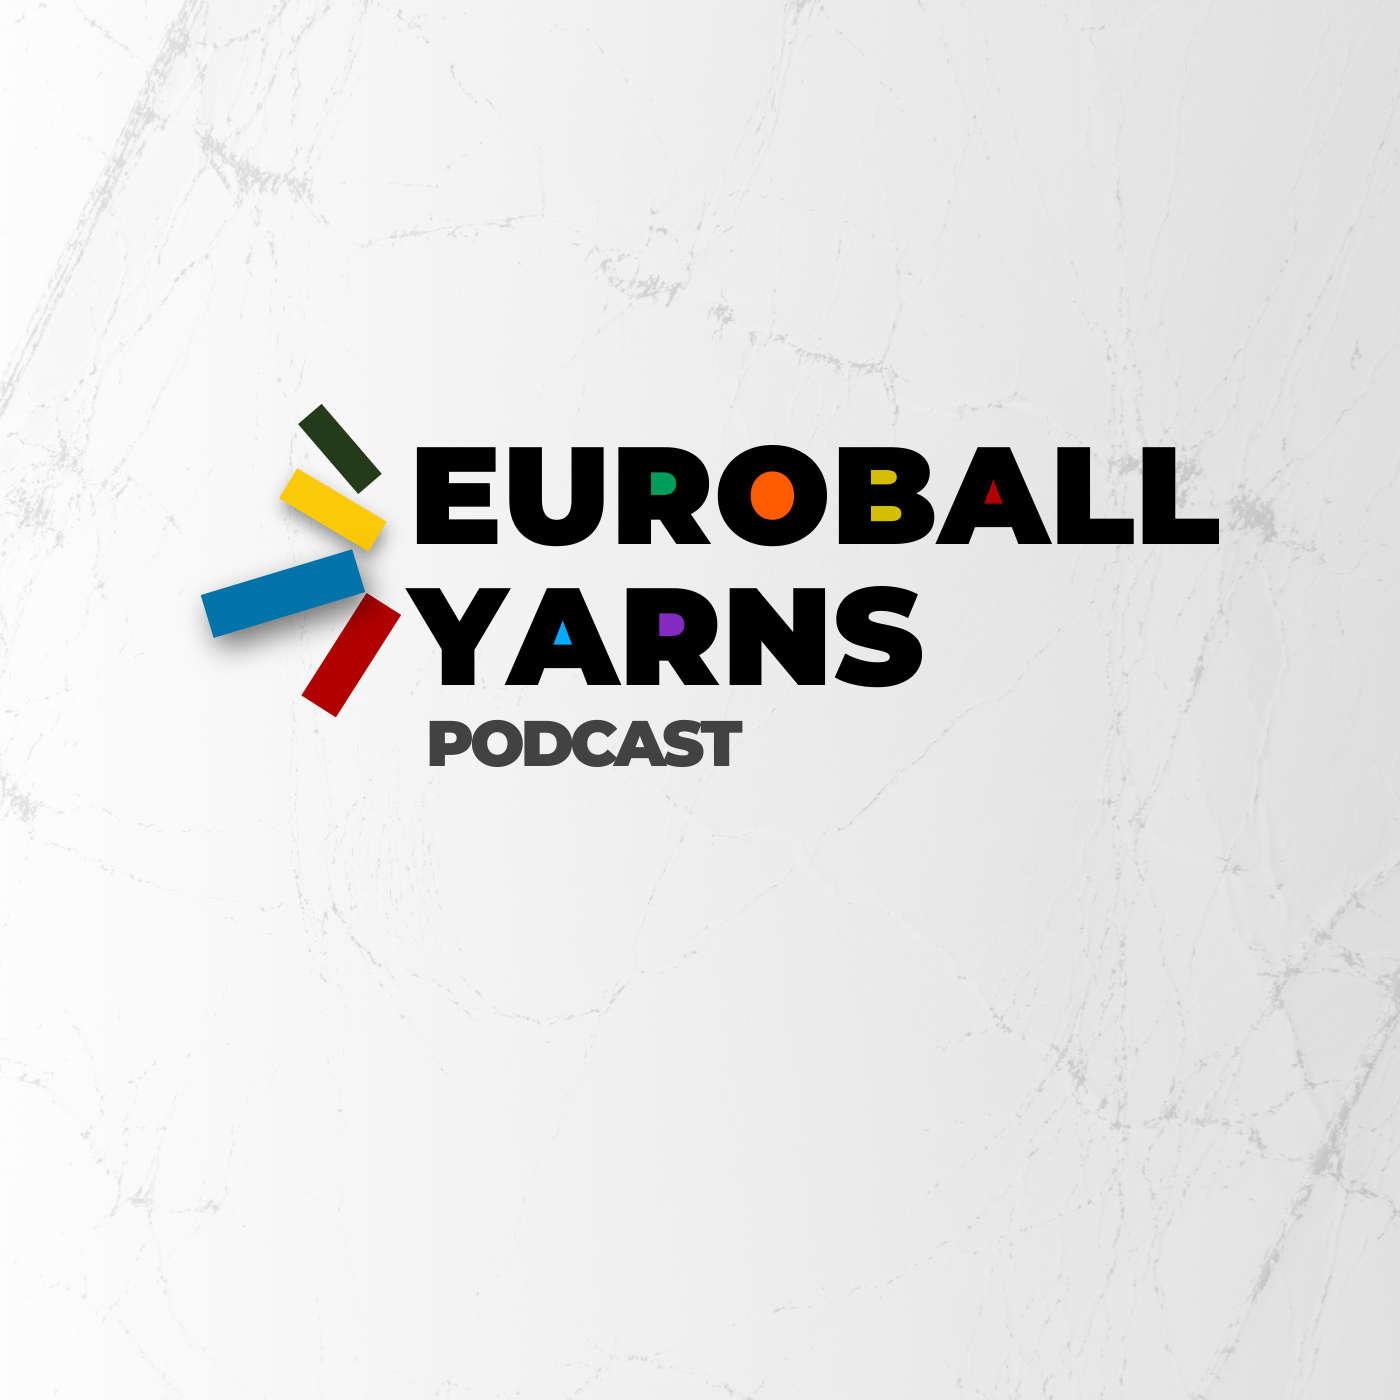 Euroball Yarns Podcast